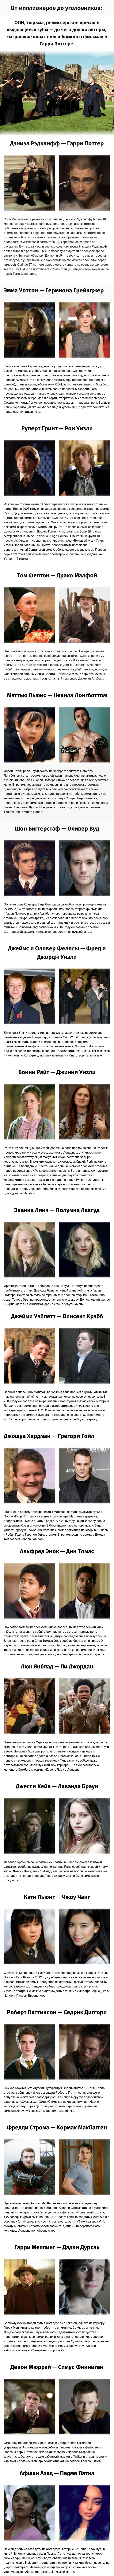 От миллионеров до уголовников: Судьбы детей из Хогвартса длиннопост, Гарри Поттер, Гермиона, Рон и Гермиона